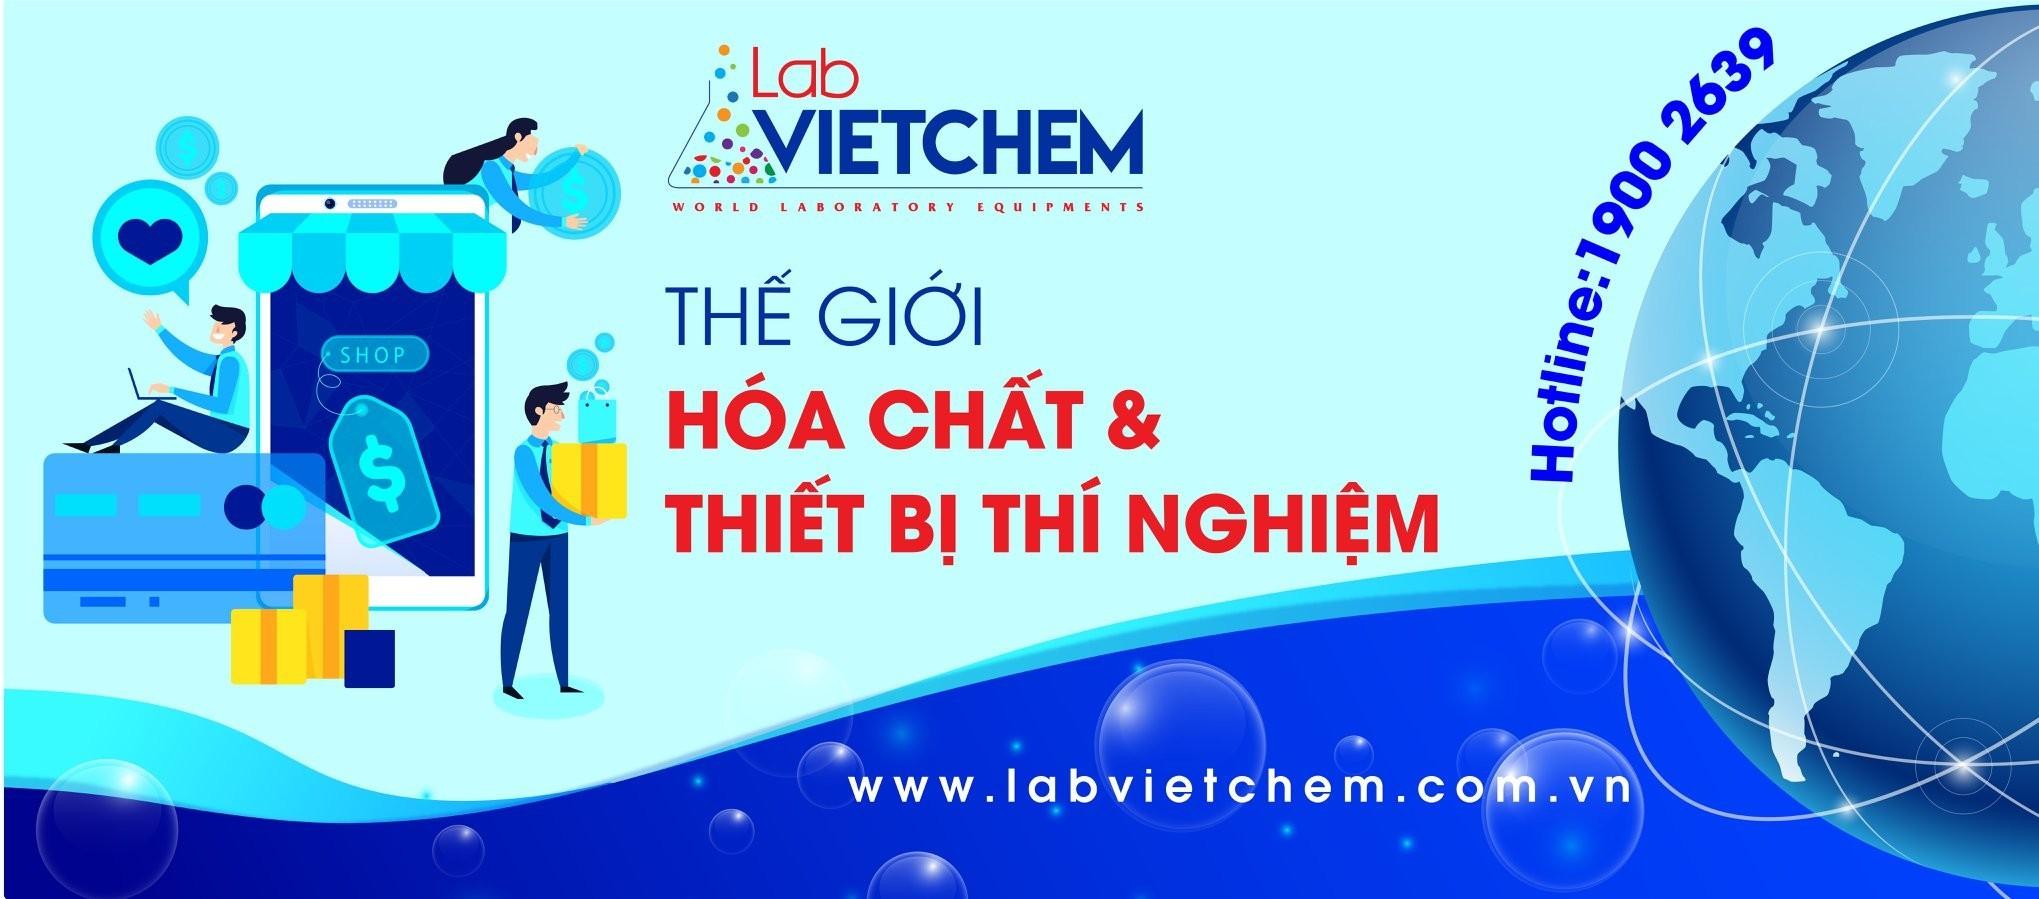 LabVIETCHEM - địa chỉ cung cấp các dụng cụ thí nghiệm thủy tinh chất lượng